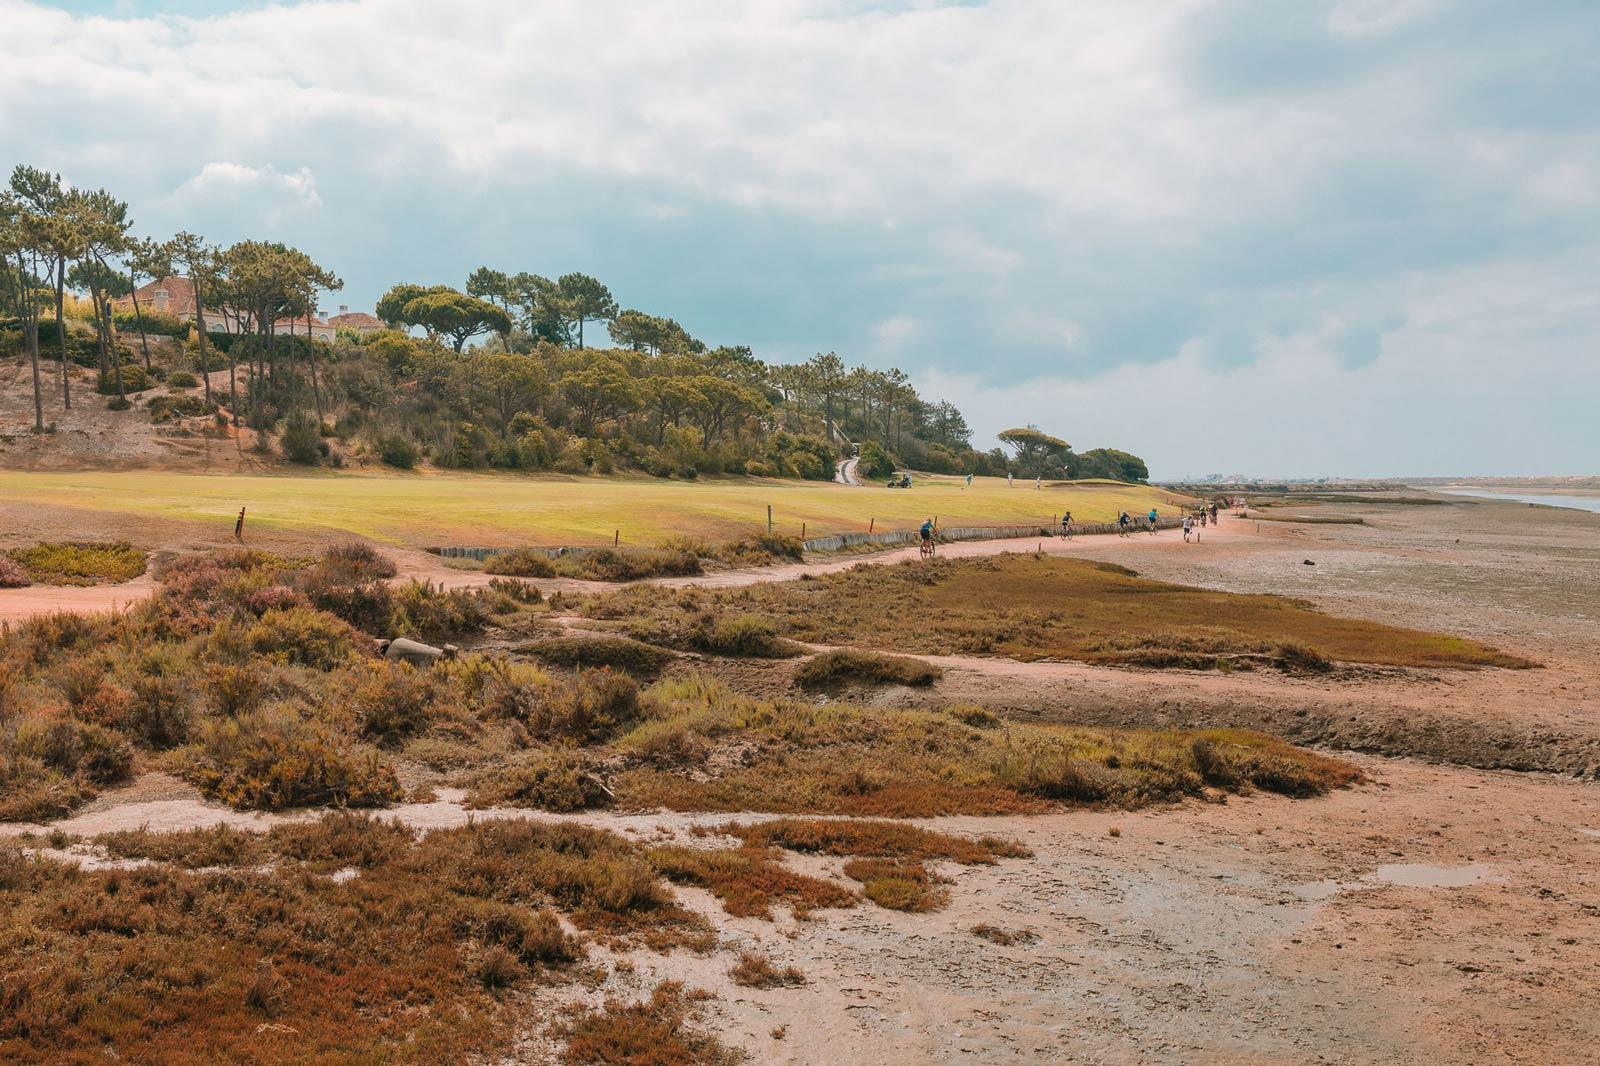 Quinta do Lago, one of the most exquisite regions in the Algarve